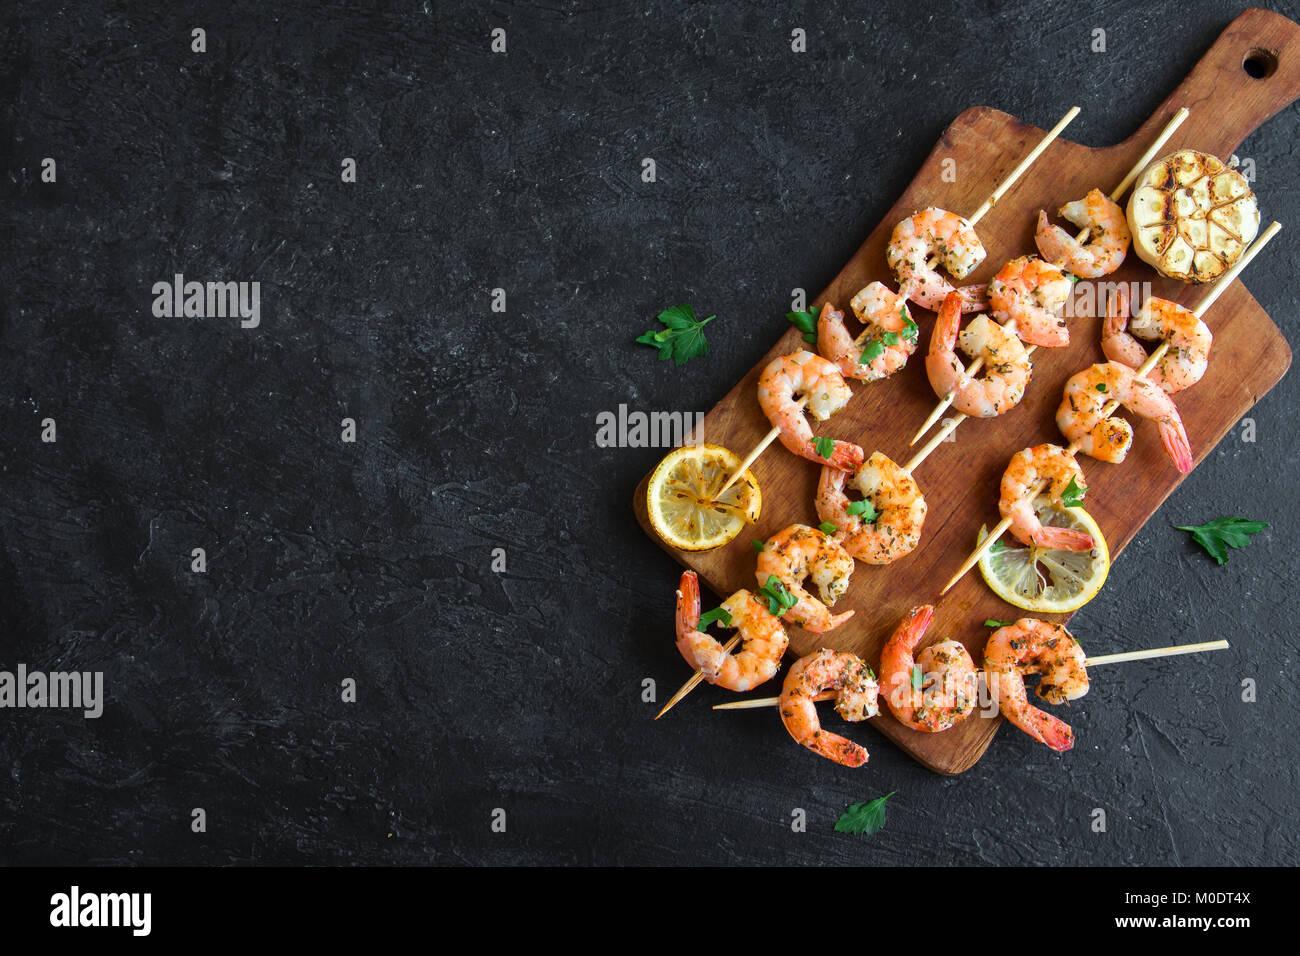 Brochettes de crevettes grillées. Fruits de mer, de bivalves. Brochettes de crevettes Crevettes aux fines herbes, Photo Stock